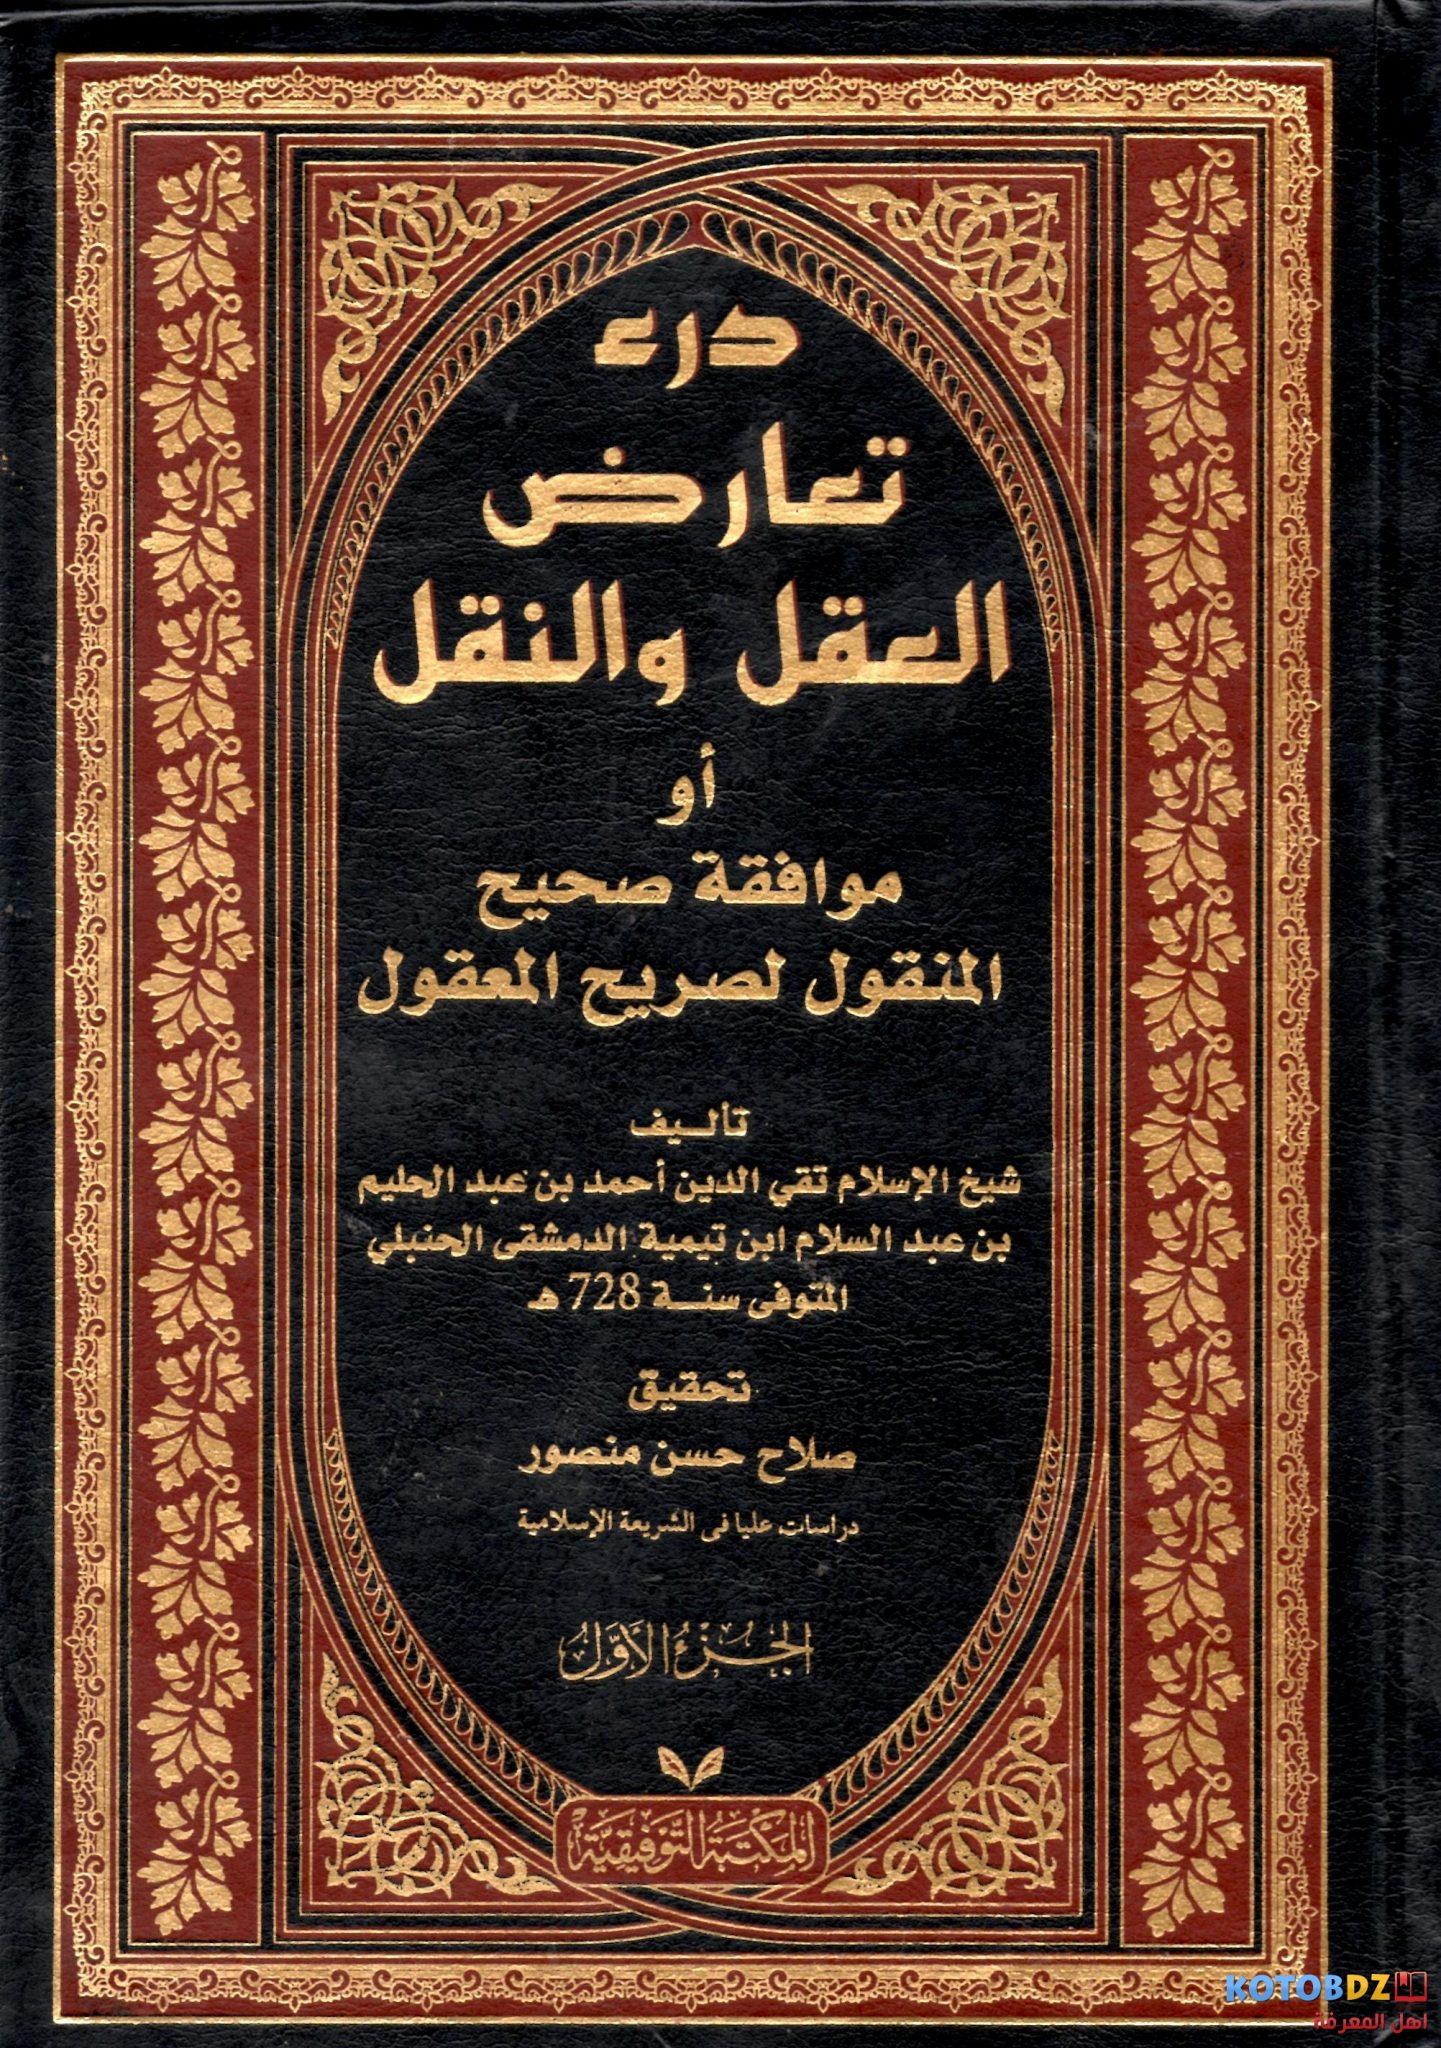 الشبهات 15 كتابًا ترسم لك طريق التعامل مع الشبهات المُثارة حول الإسلام 33